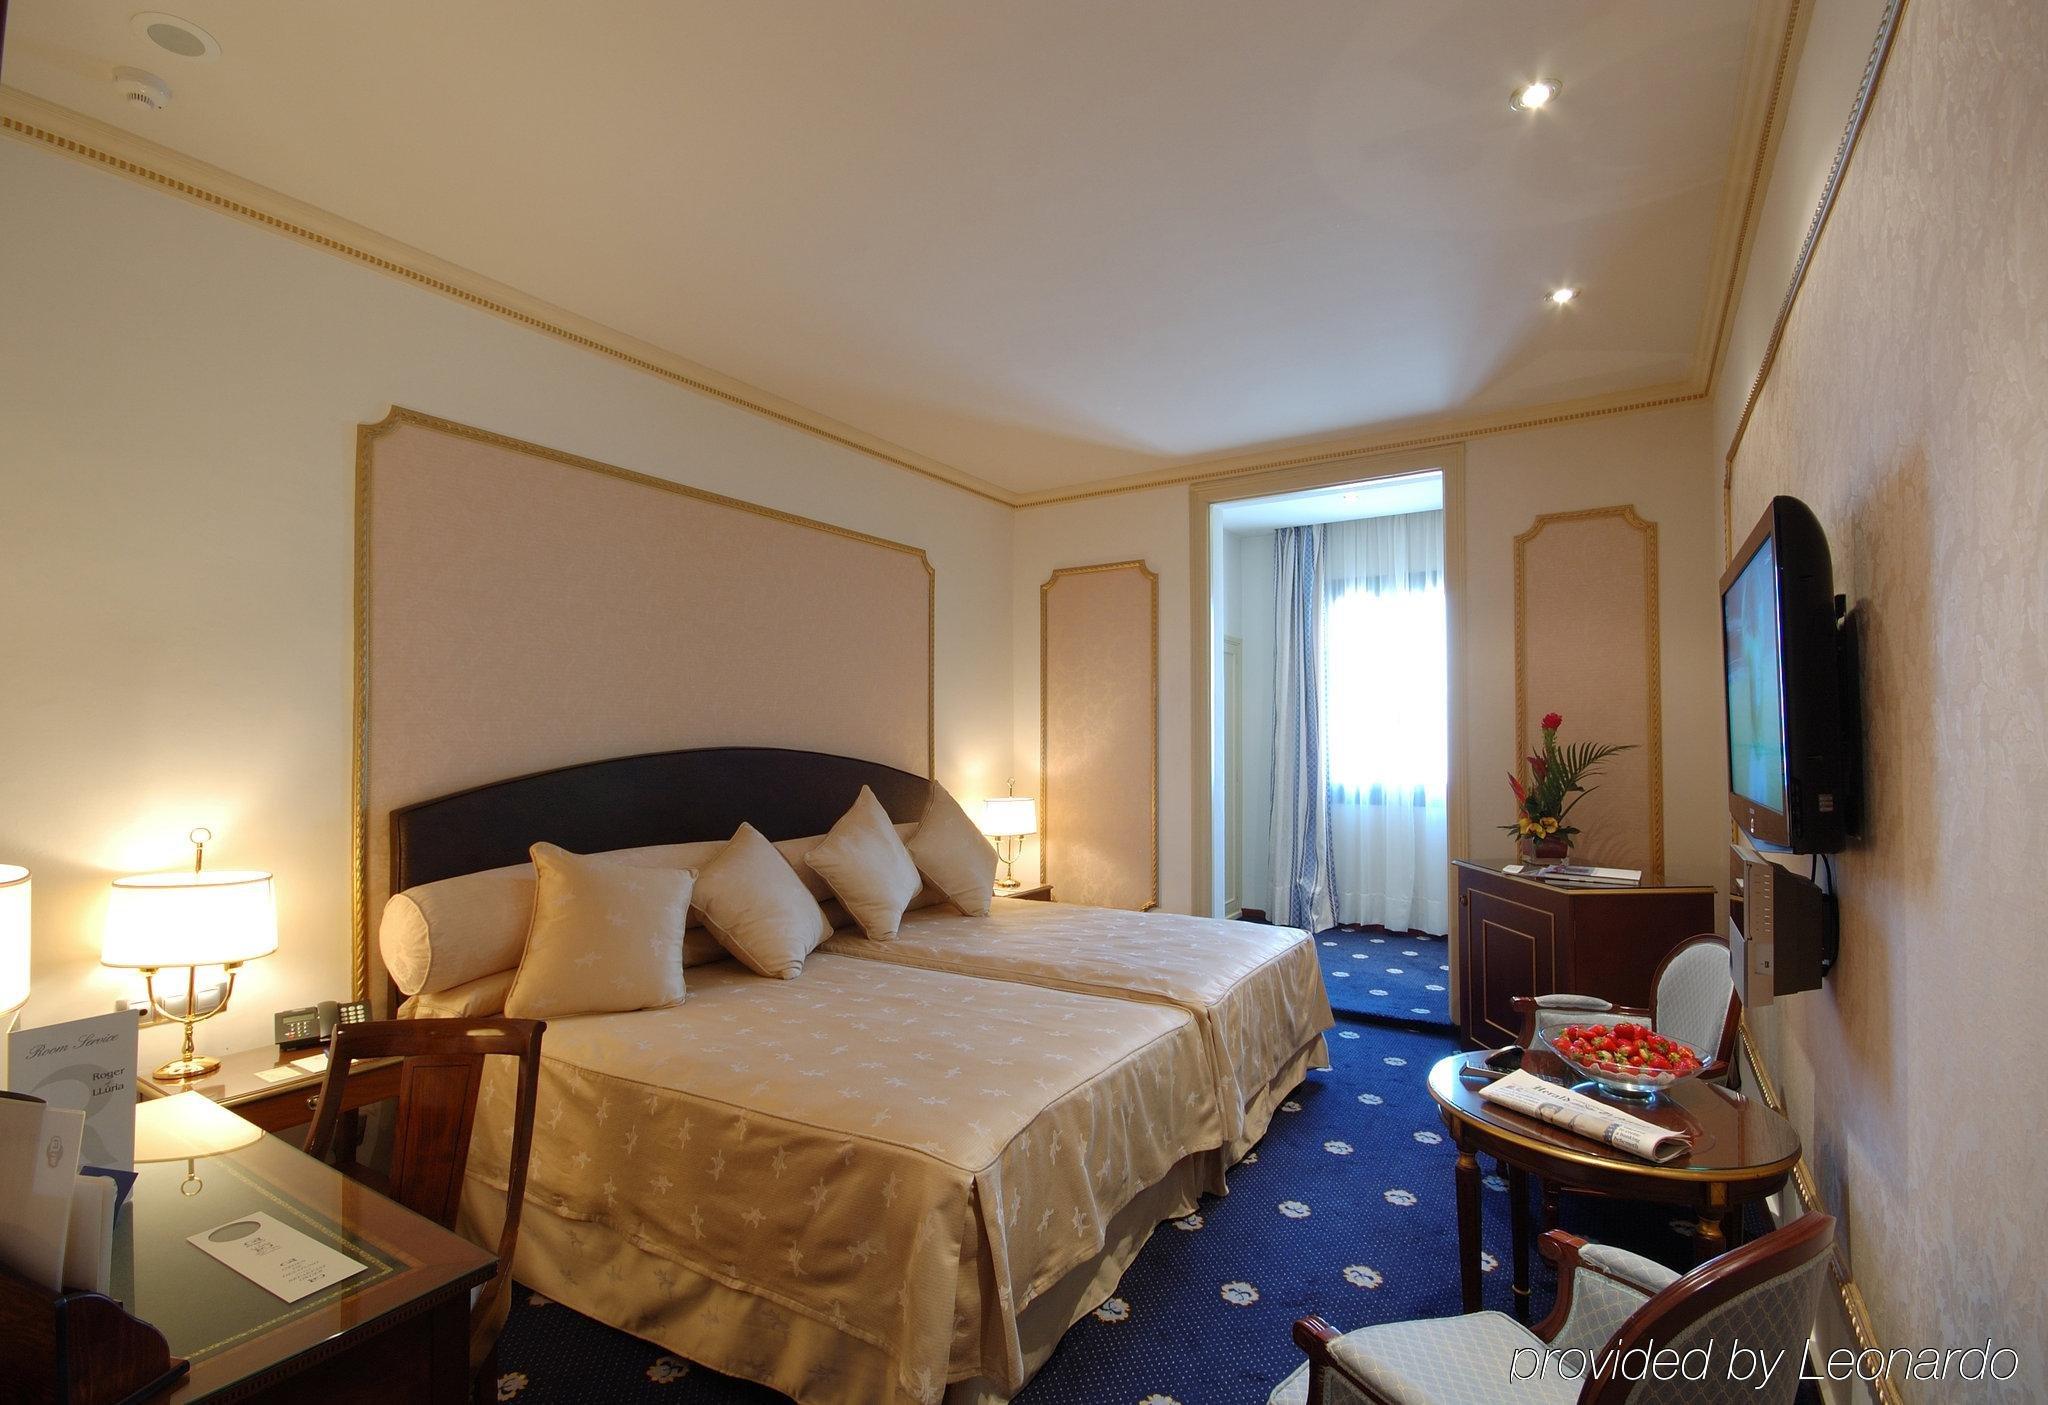 Hotel Ritz Roger De Lluria - Spain - Barcelona